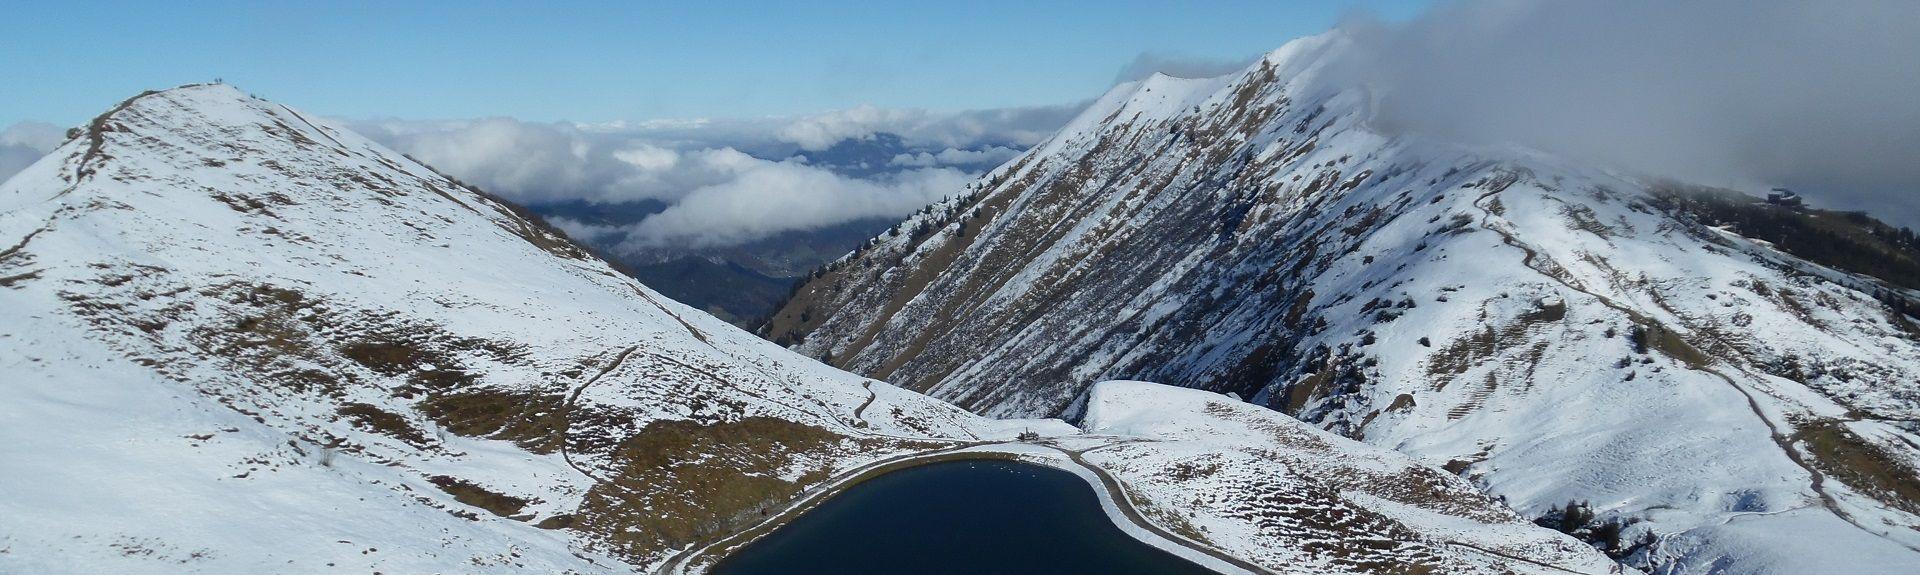 Lech am Arlberg, Vorarlberg, Itävalta